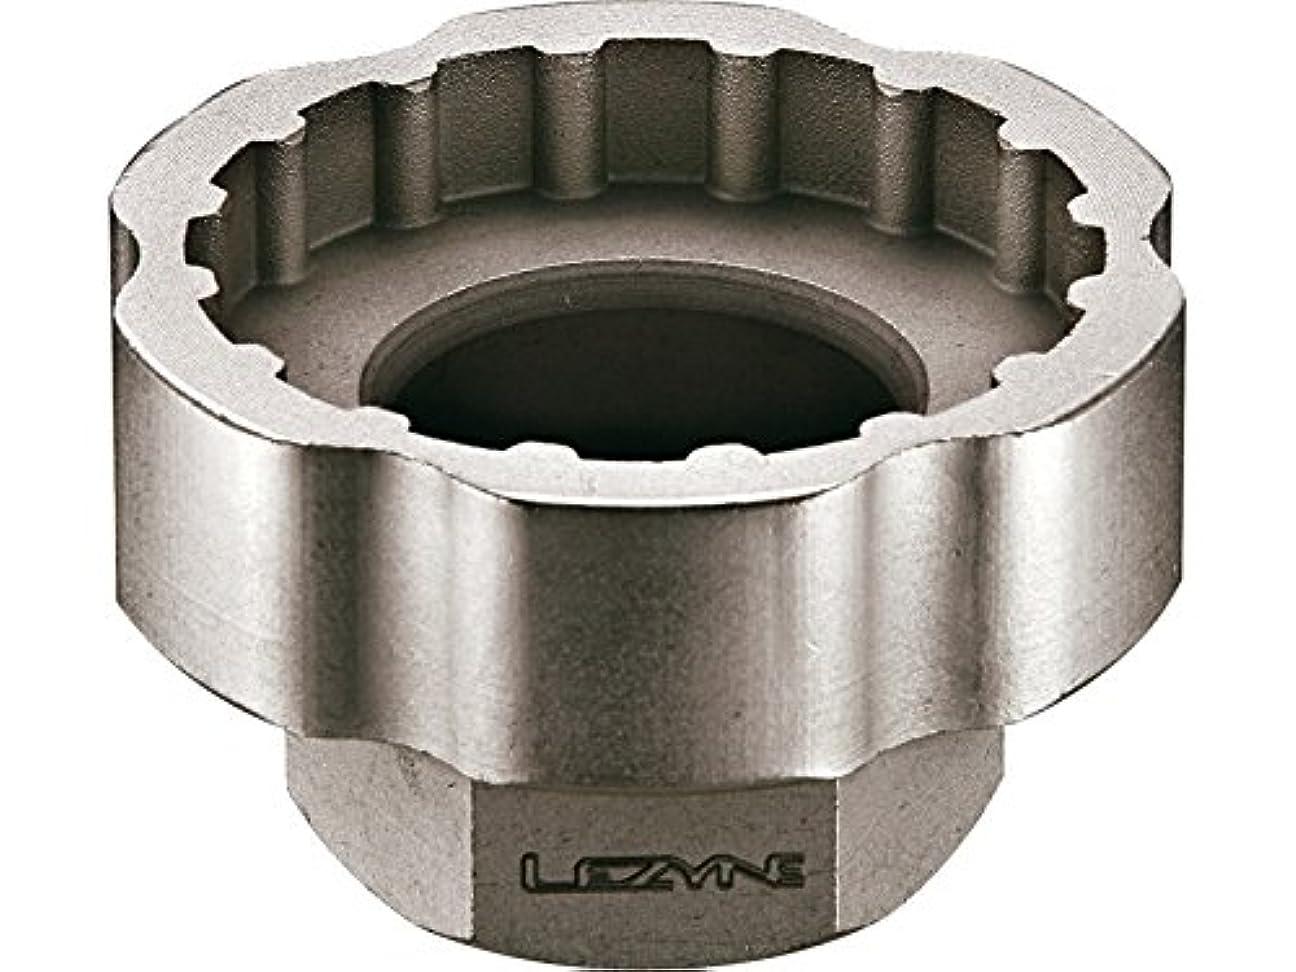 眉をひそめるスマッシュ水素Lezyne EXBBT-SOC Tool ミニバイクツール レディース silver グ